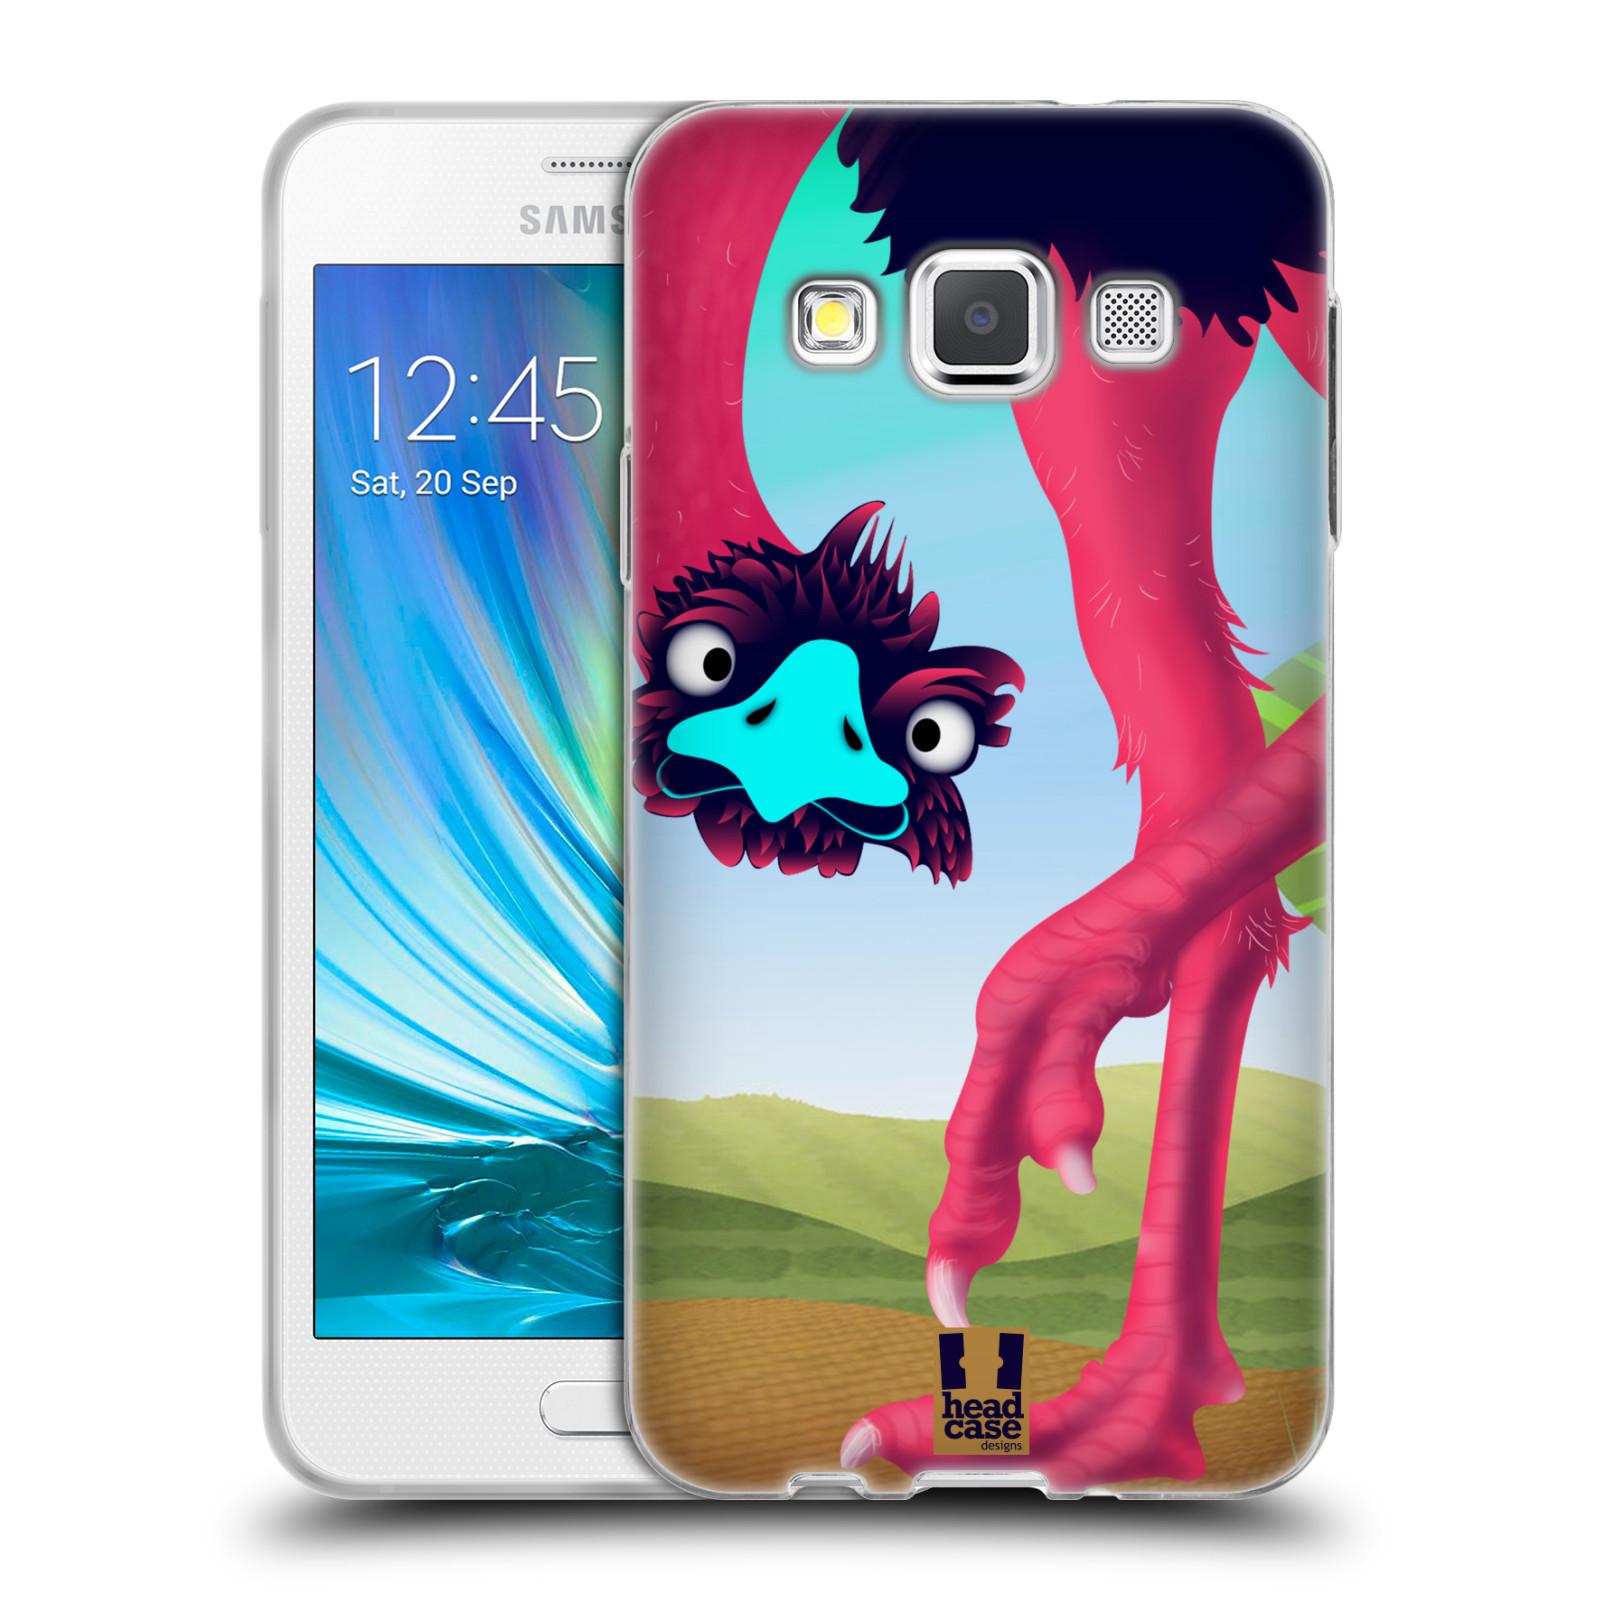 HEAD CASE silikonový obal na mobil Samsung Galaxy A3 vzor dlouhé nohy kreslená zvířátka pštros